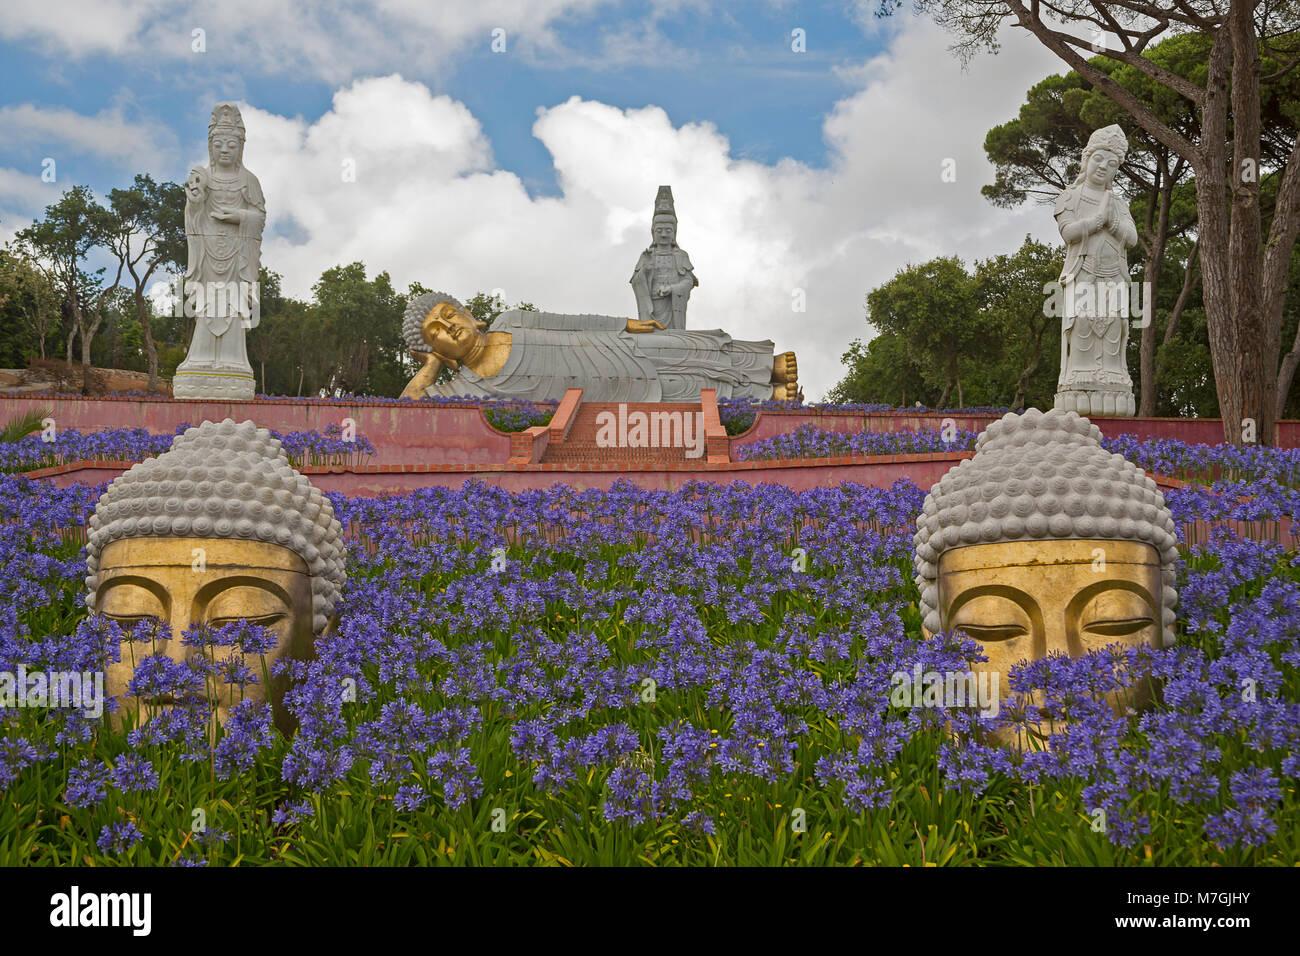 El Buddha Eden Garden es de 35 hectáreas (86 acres) de los campos naturales, lagos, jardines cuidados a una hora al norte de Lisboa. Los Budas, pagodas, terracota sta. Foto de stock